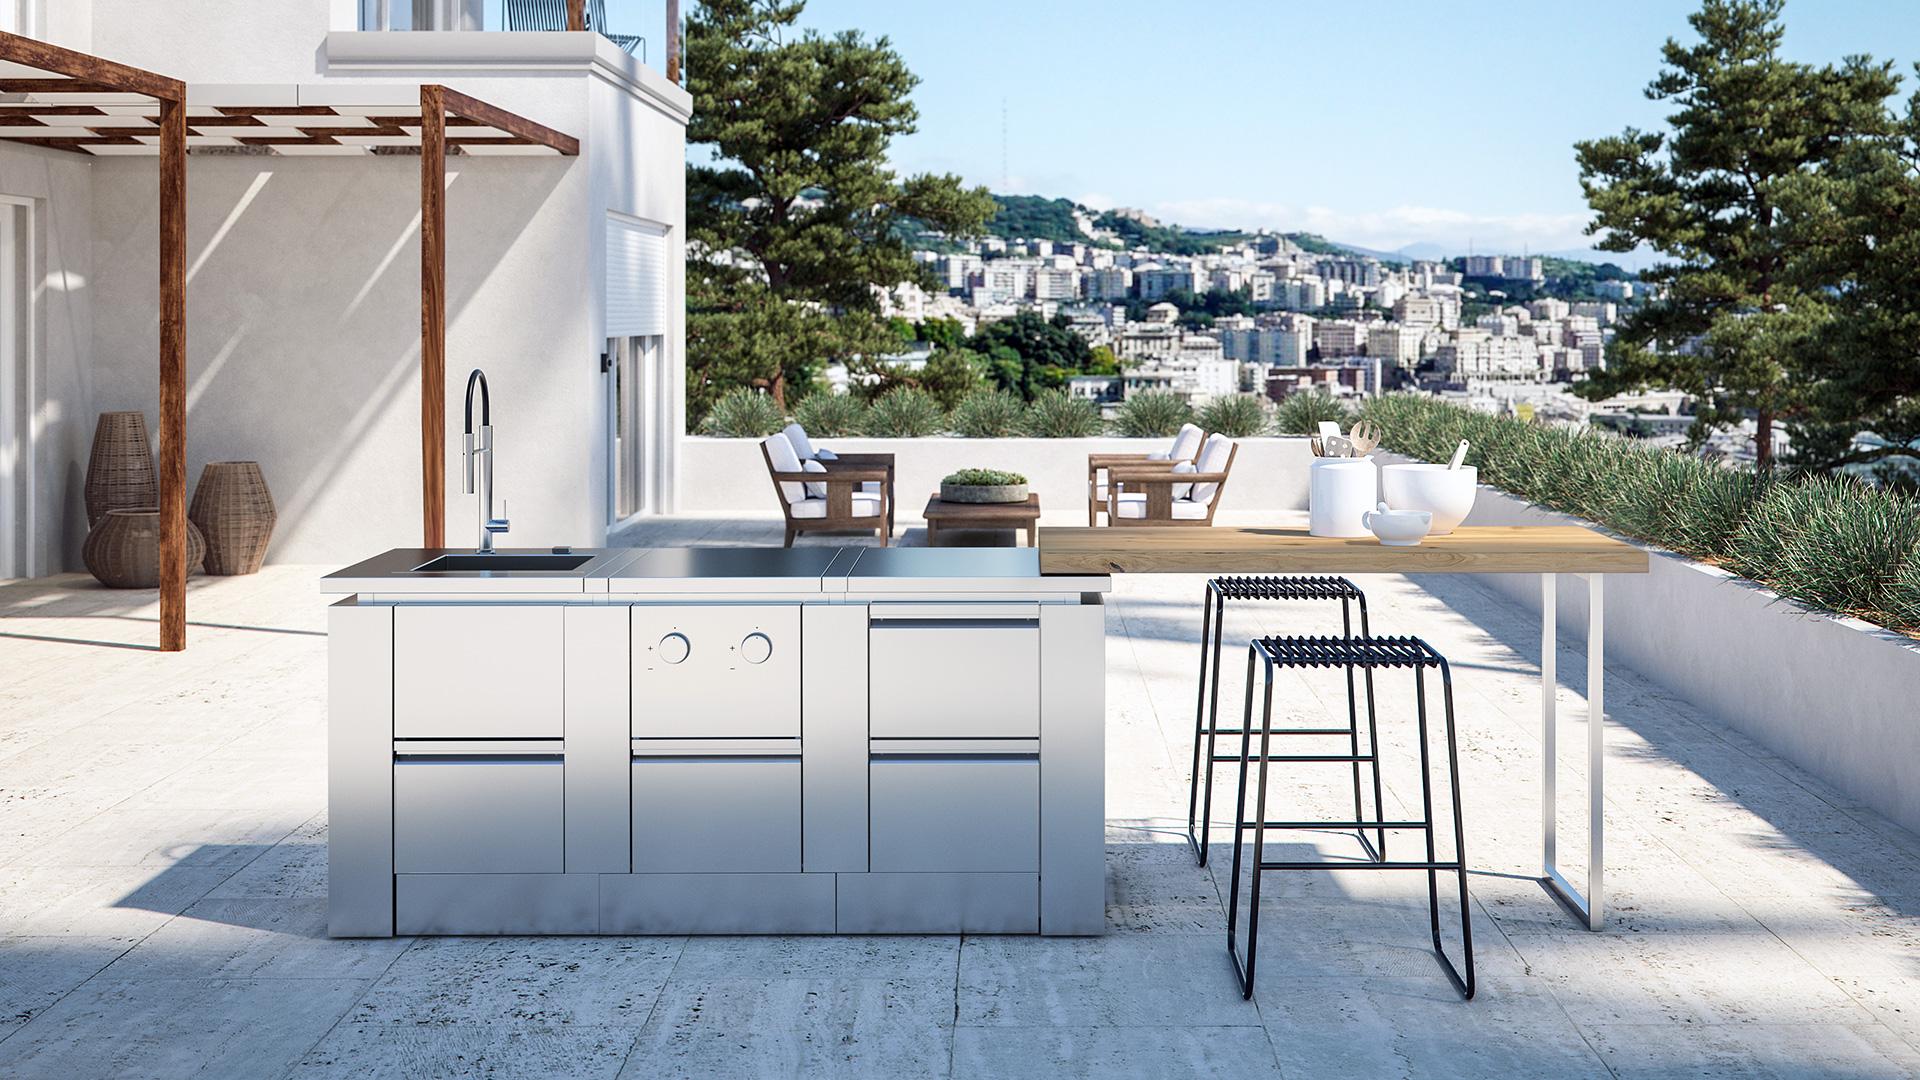 Cucine da esterno cucine da giardino e terrazzo rok - Cucine da esterno in muratura ...